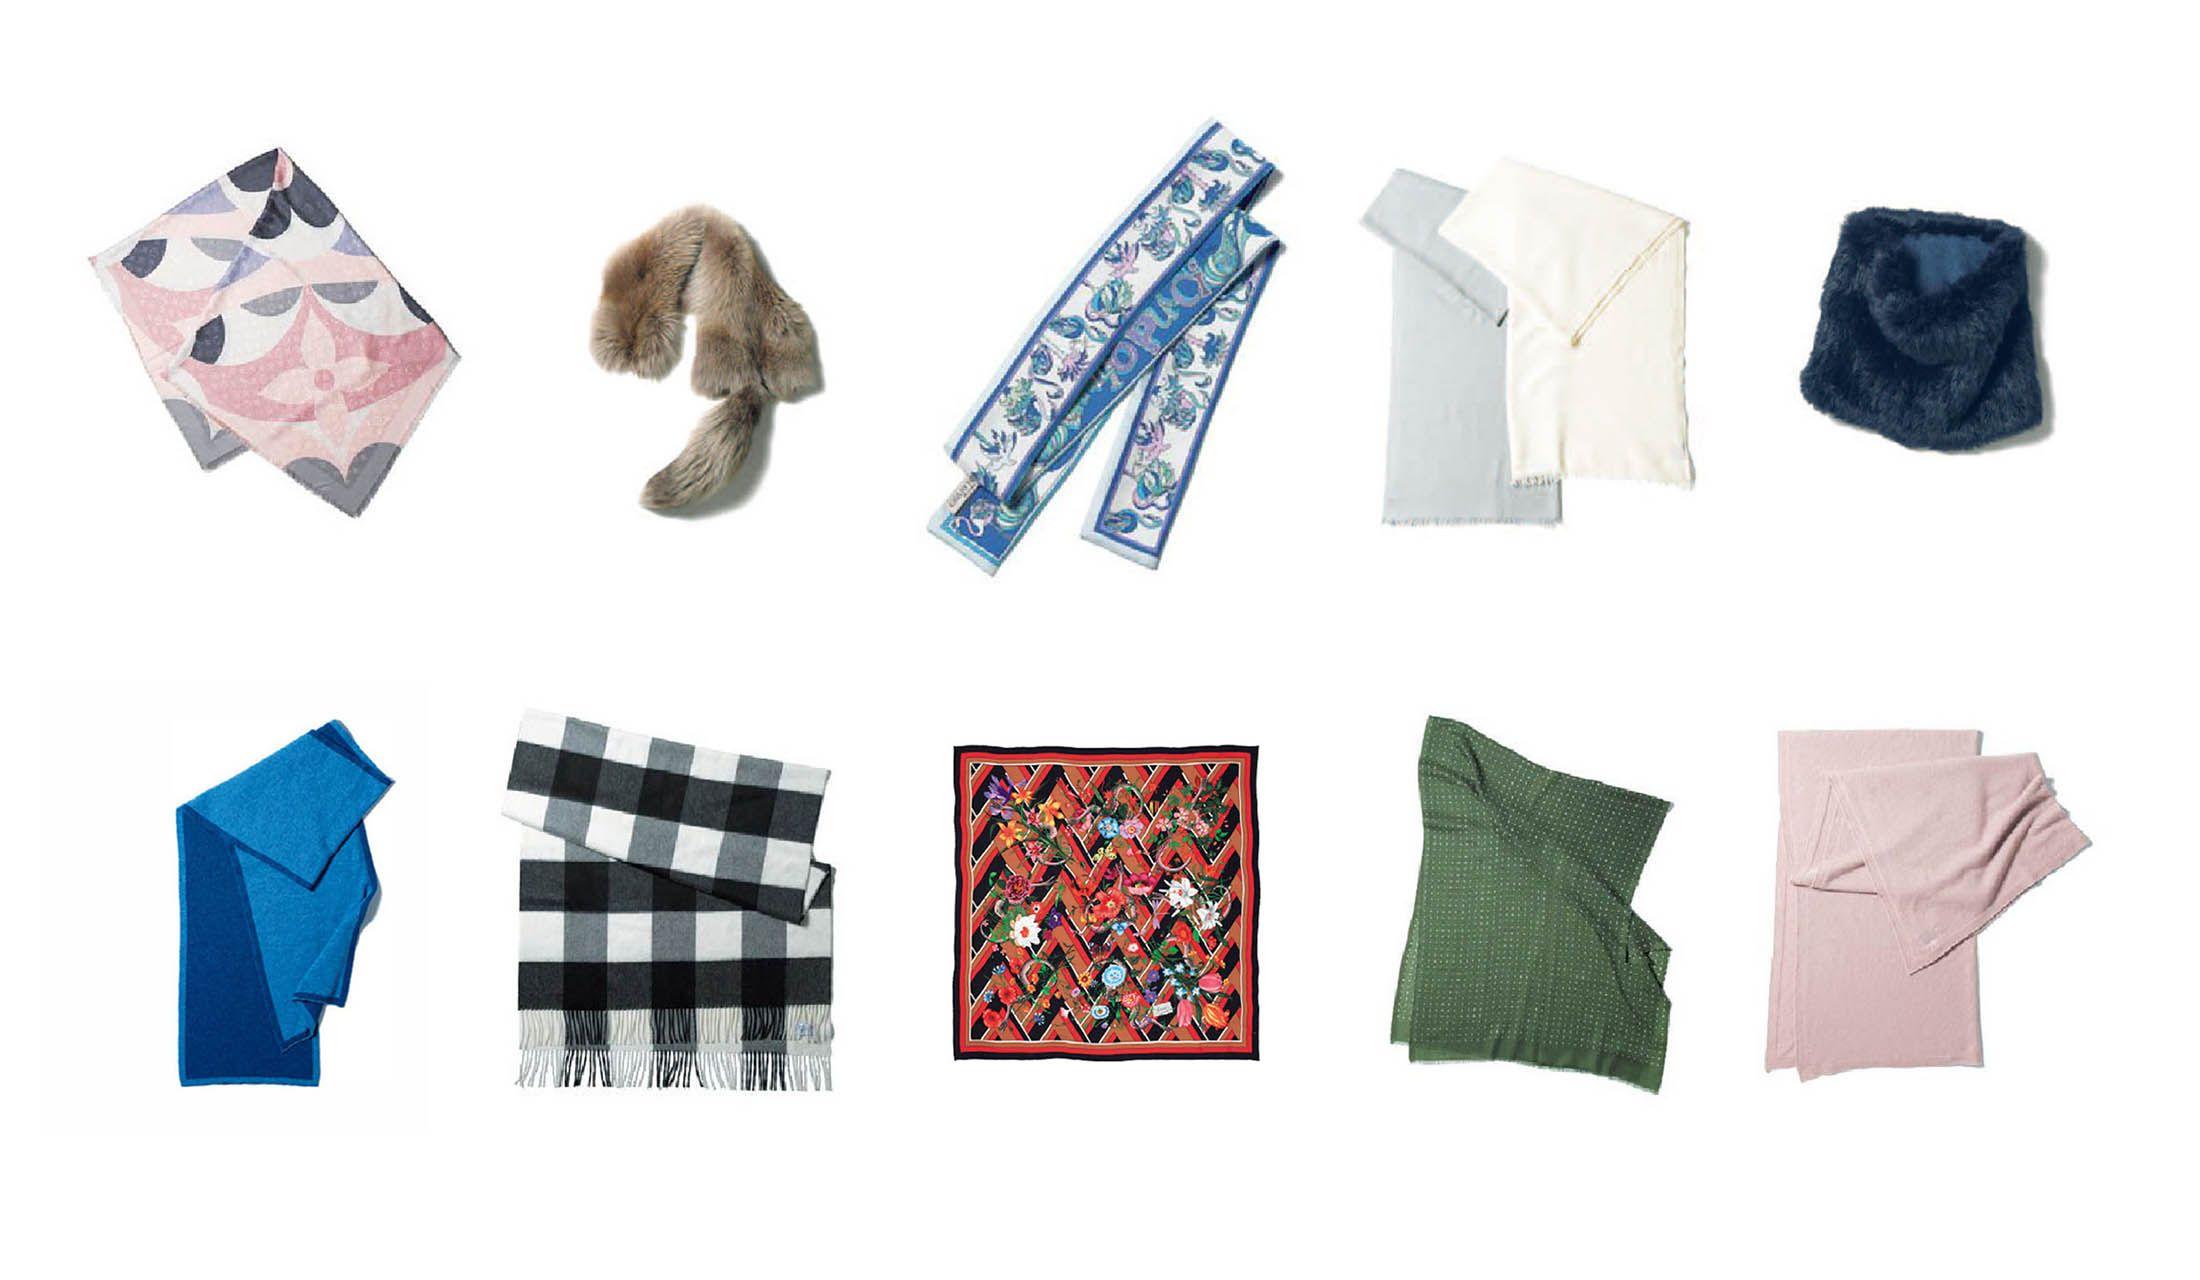 ストールやスカーフなどの巻き物10枚